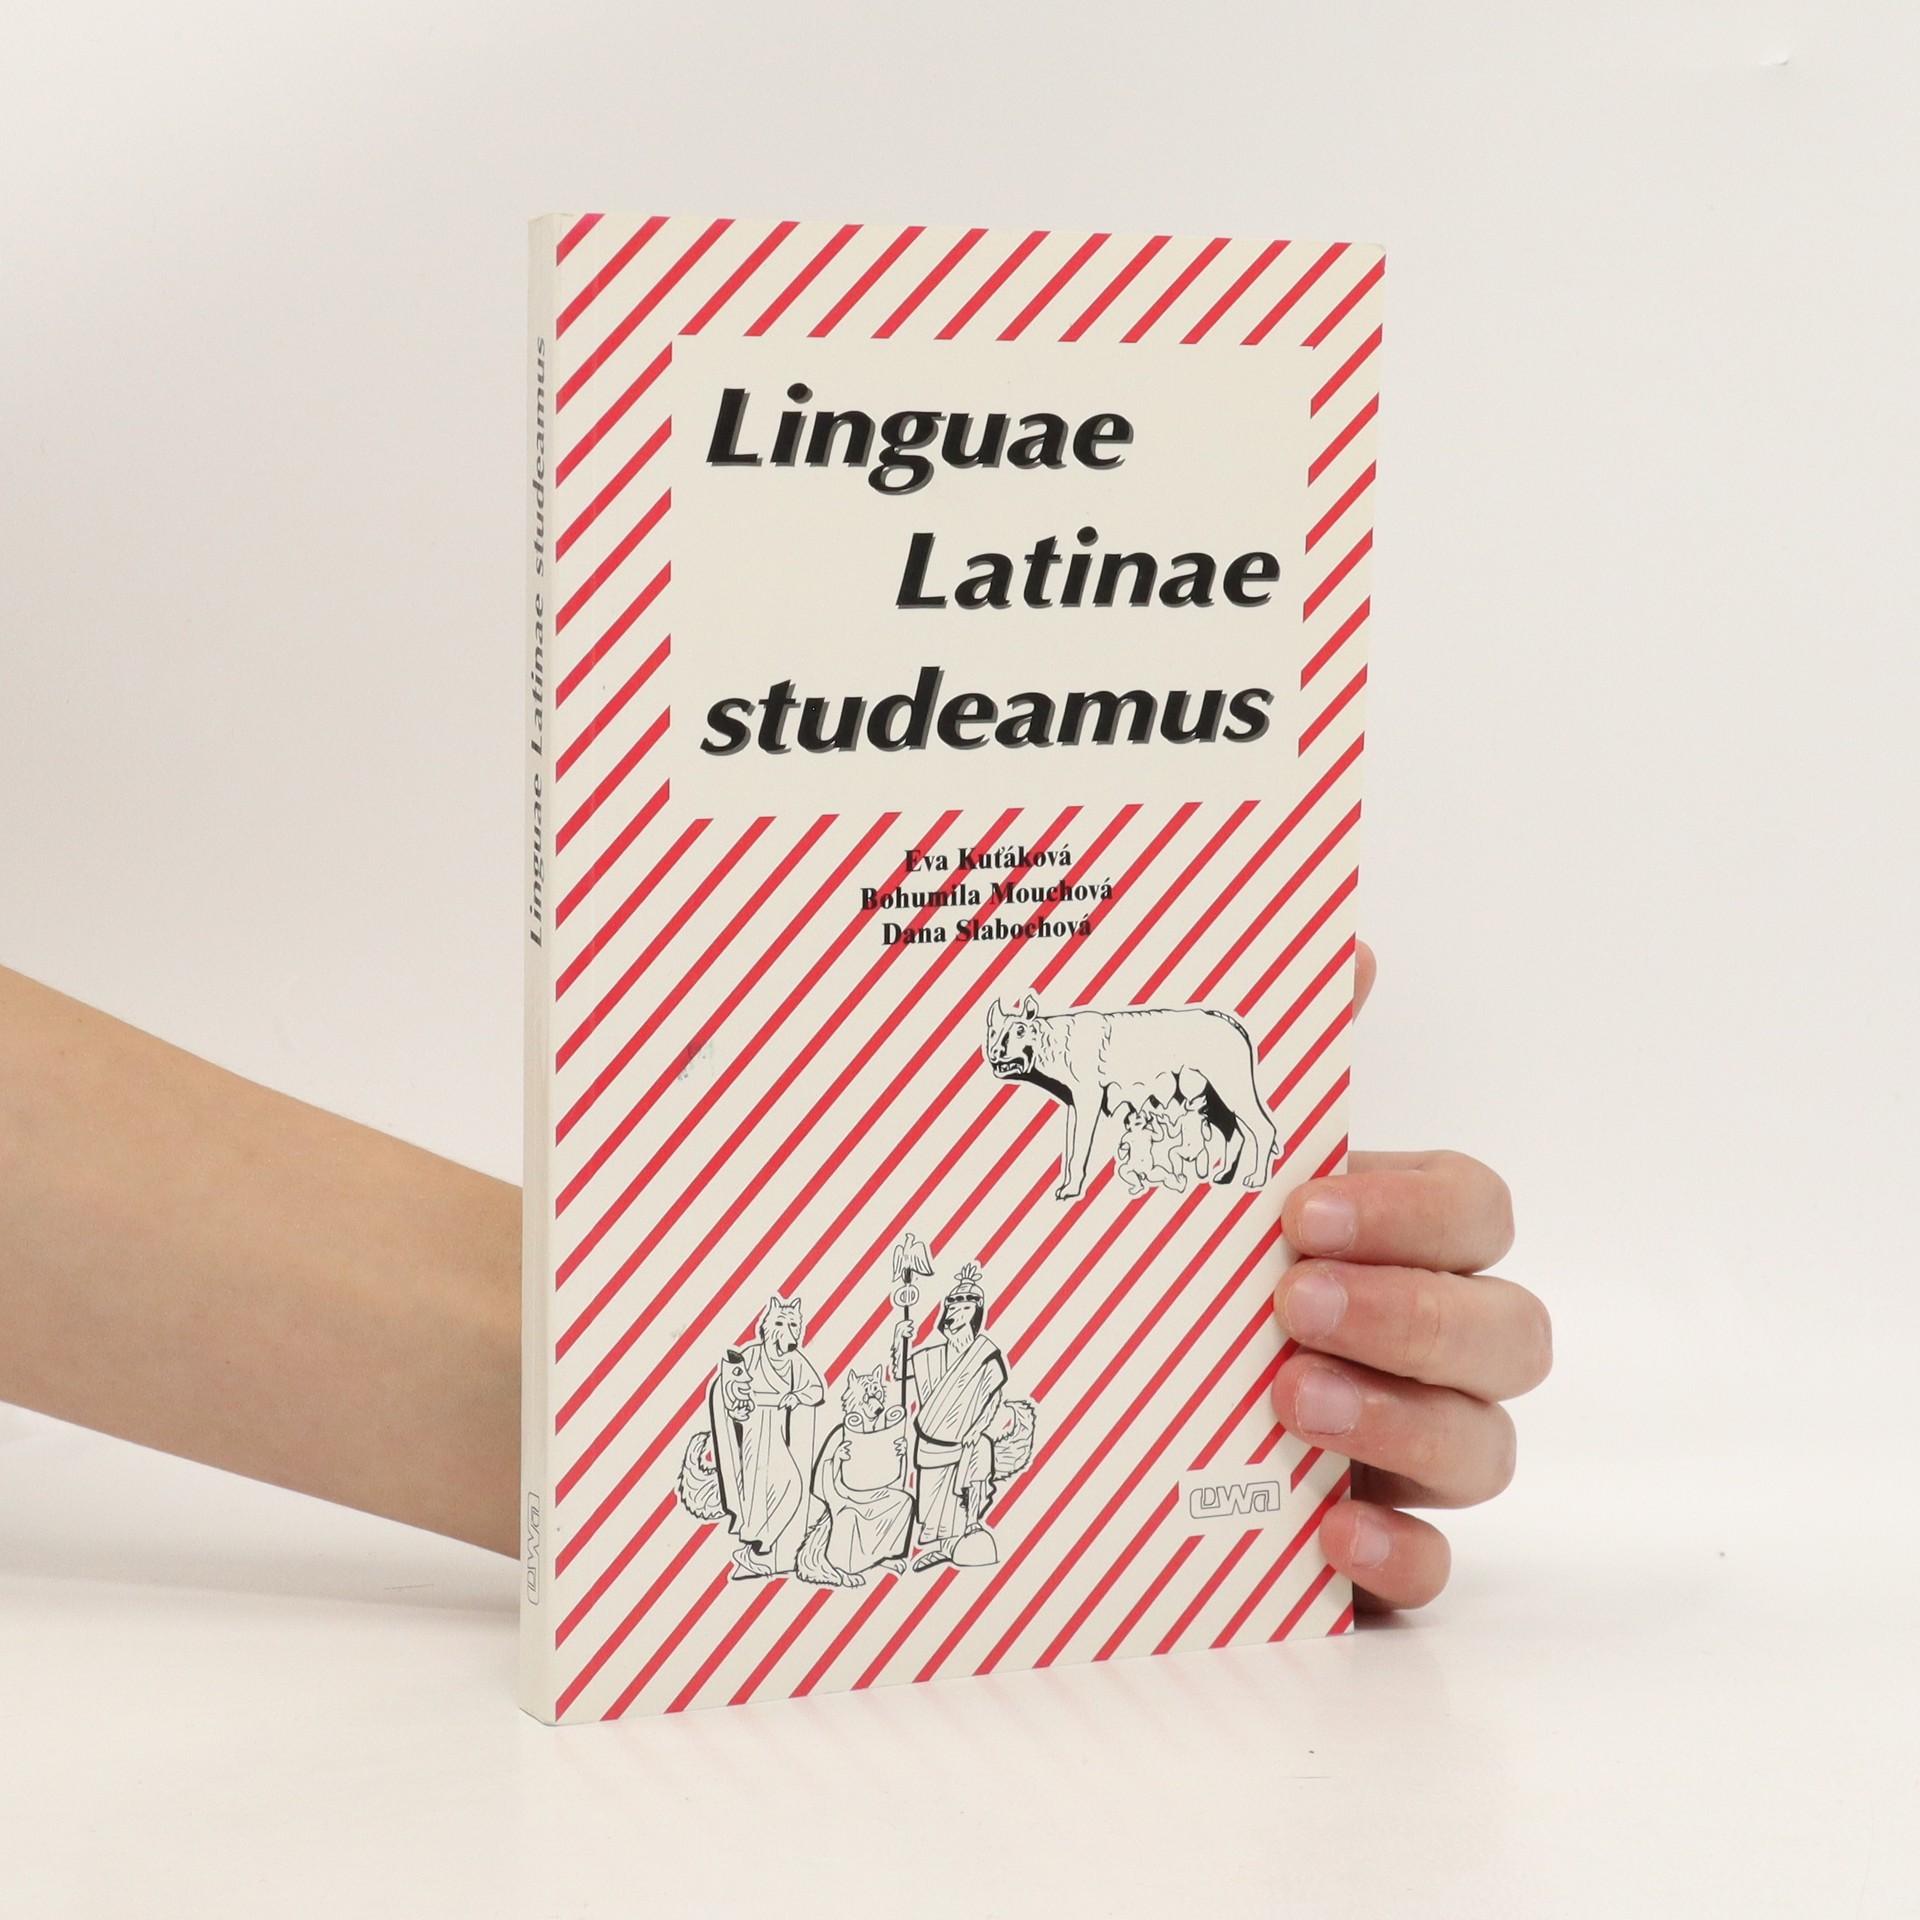 antikvární kniha Lingua Latinae studeamus, 1998